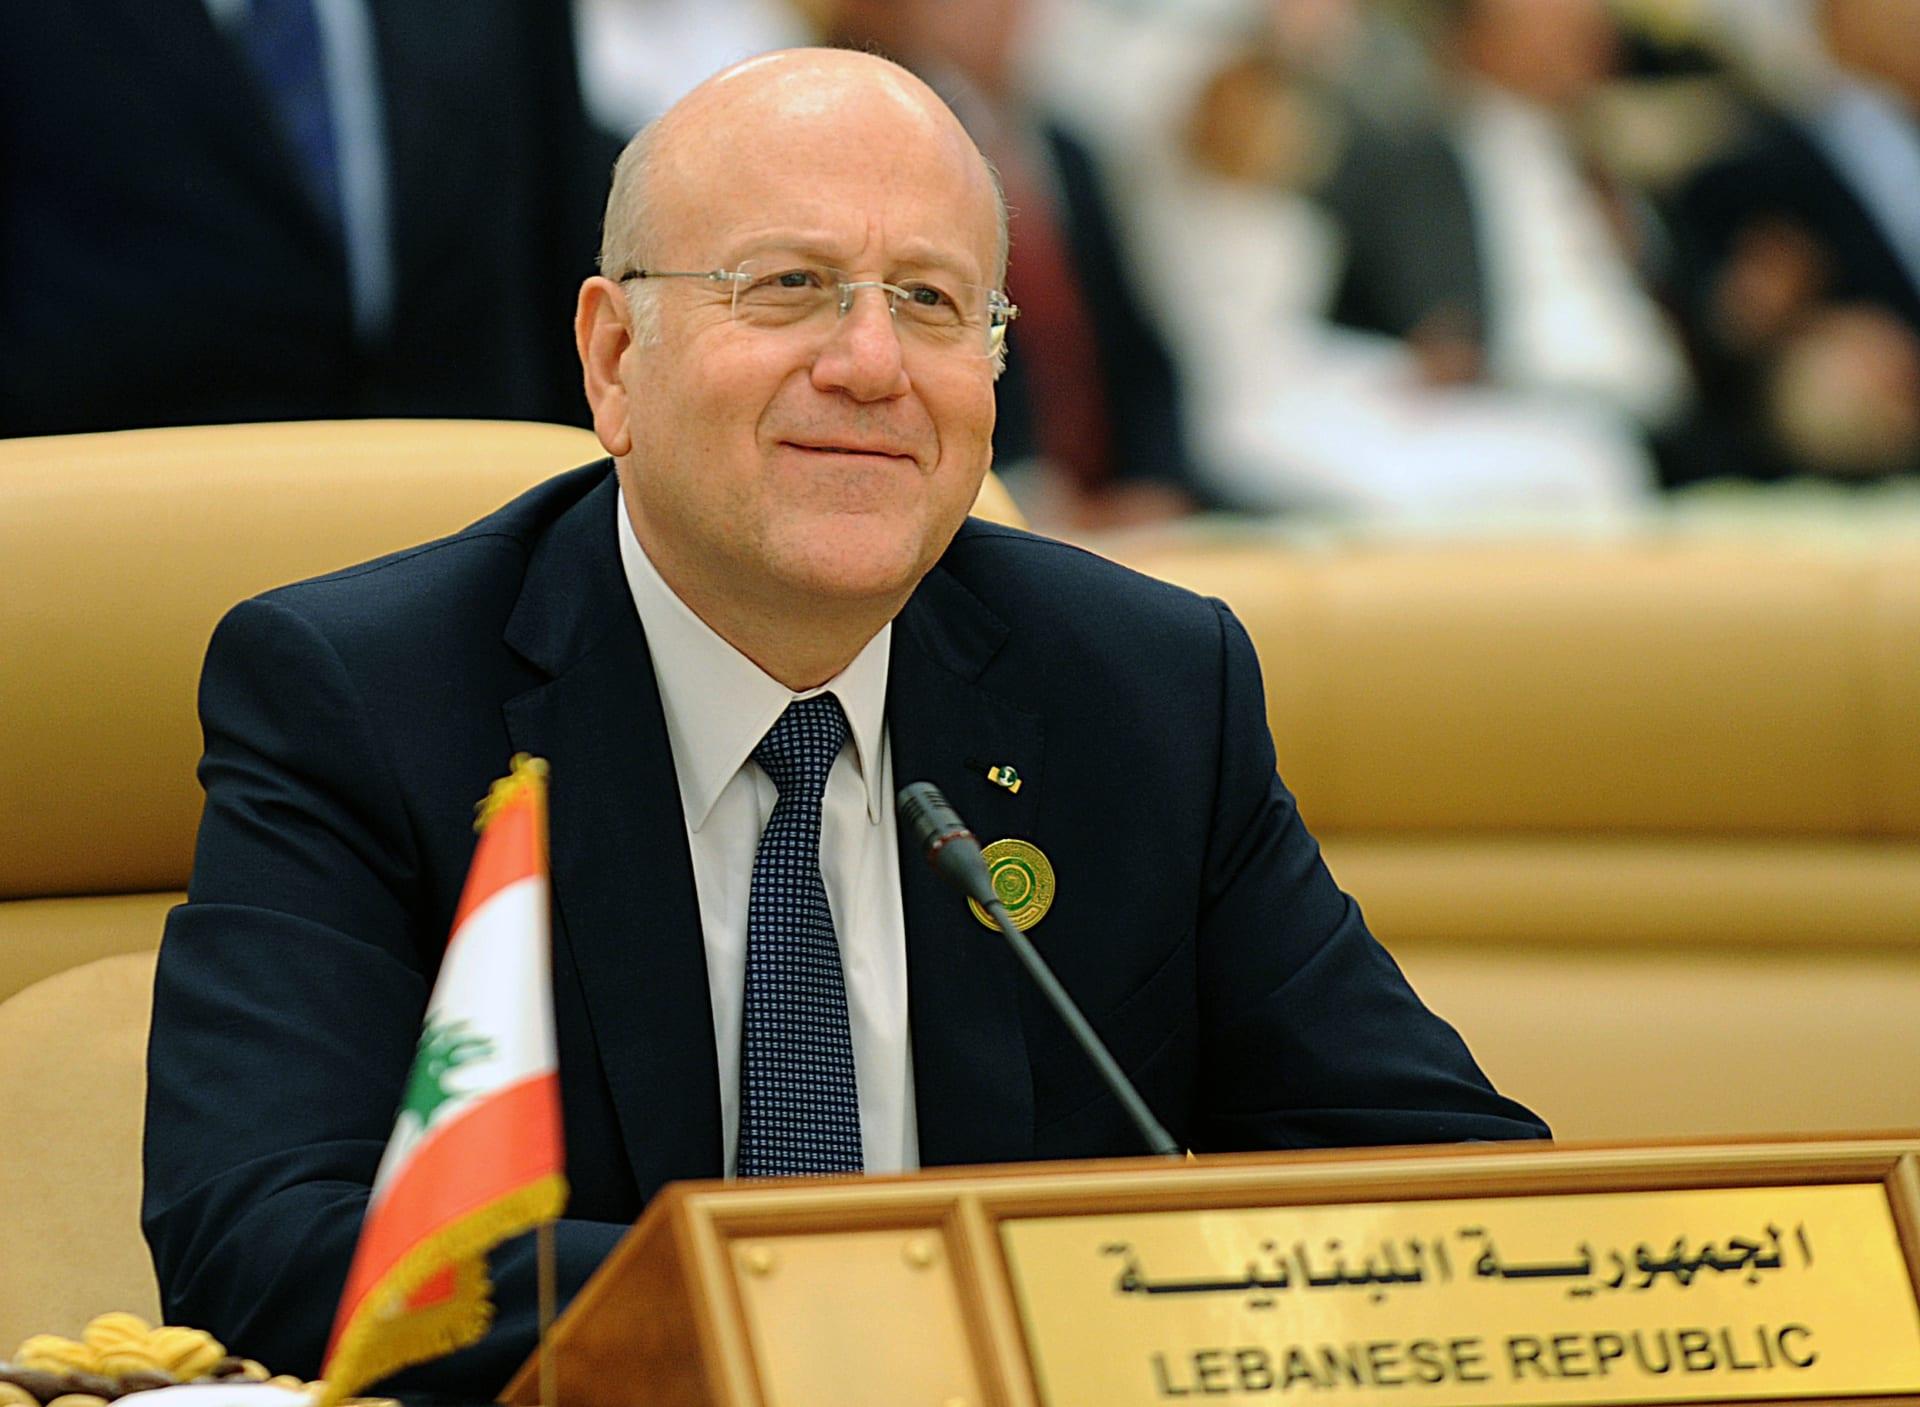 ميقاتي: الإقبال على الانتخابات كان ضعيفا في طرابلس.. وعشنا عرسا ديمقراطيا